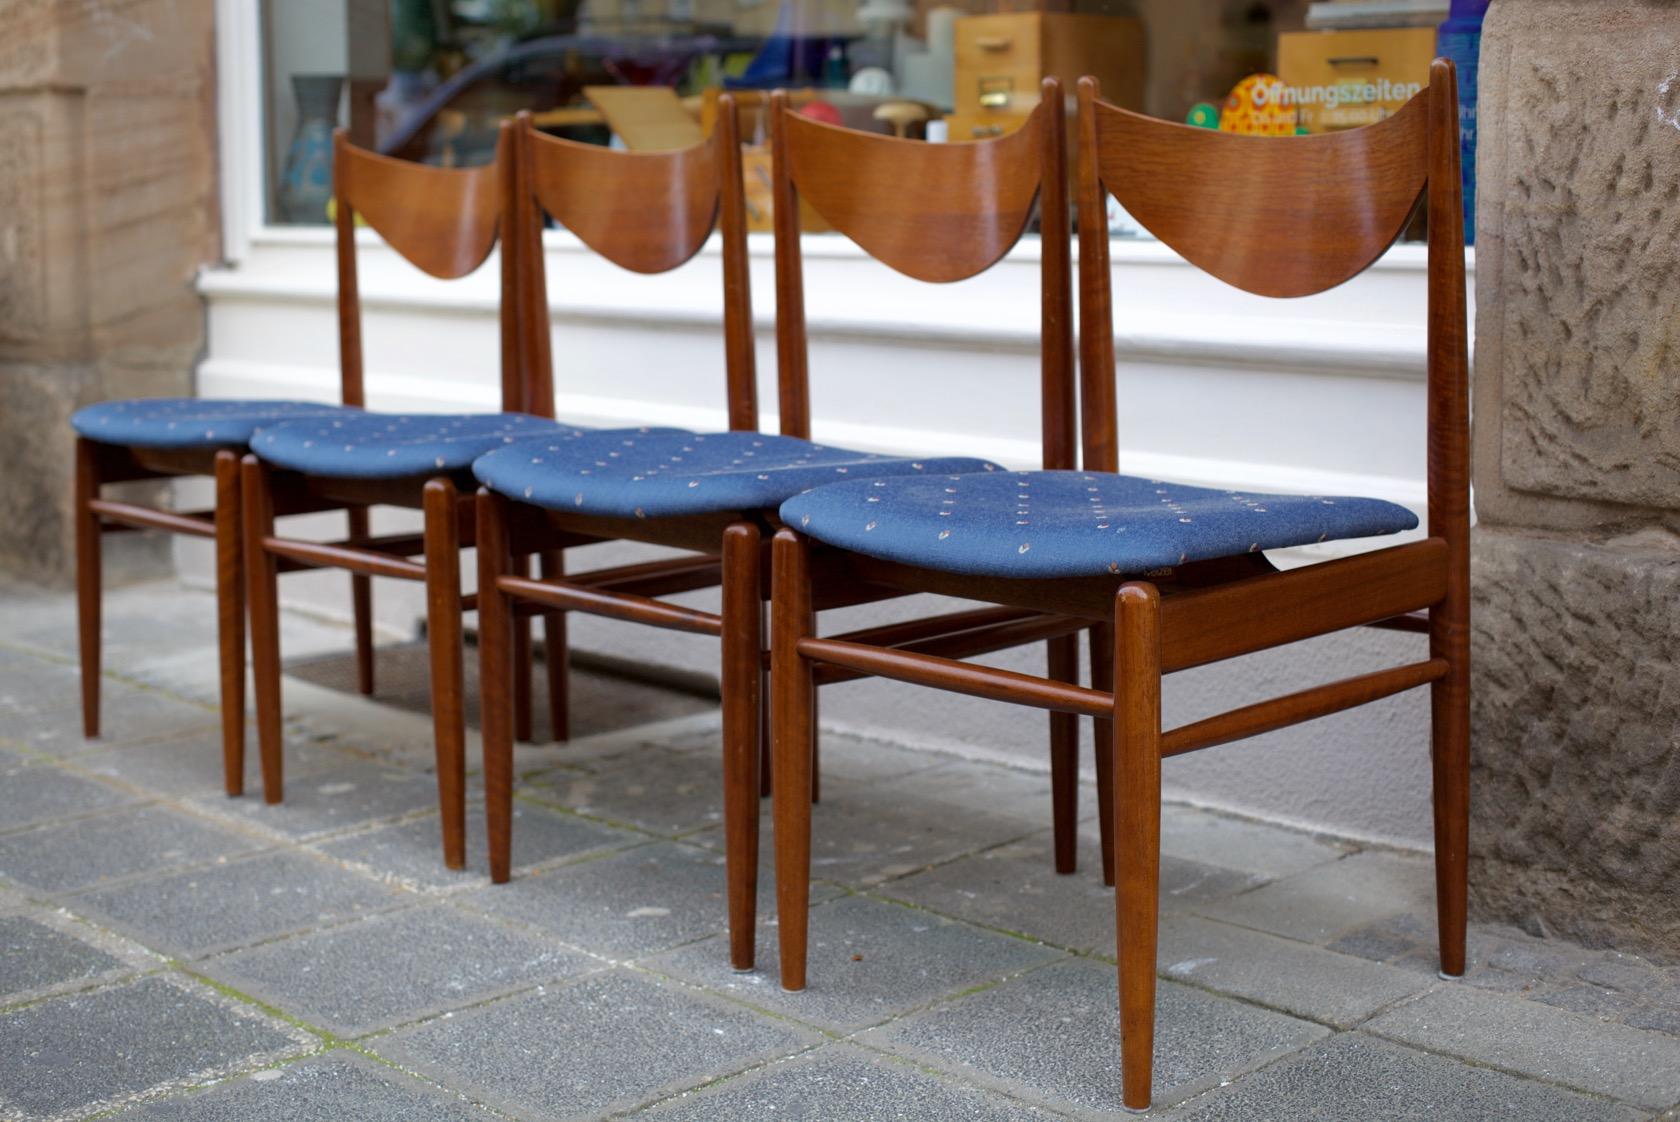 Vier st hle aus den 60er jahren raumwunder vintage for Mobel aus den 60er jahren